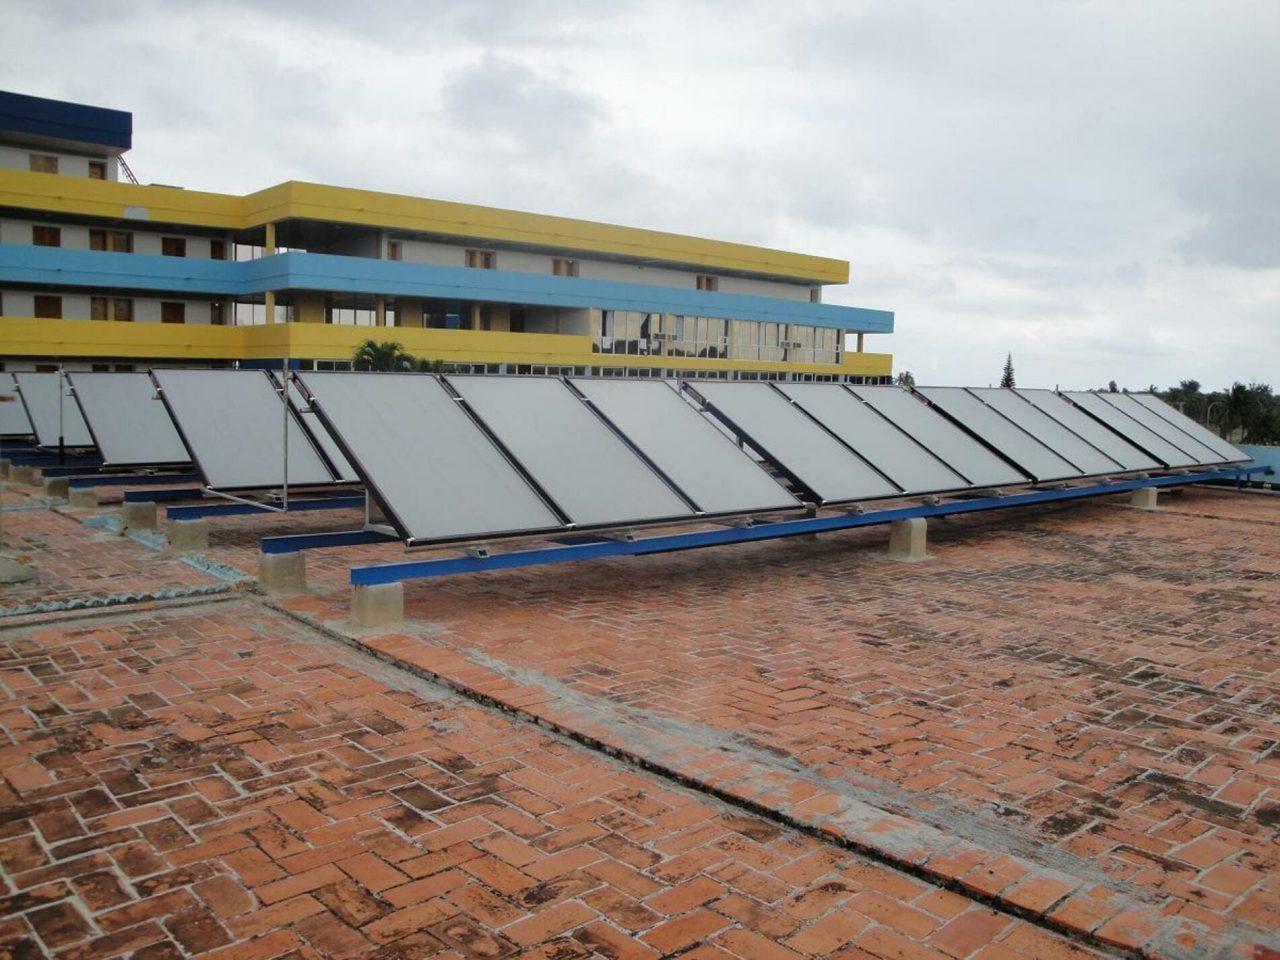 Hotel Mar Azul Santa María del Mar (La Habana - Cuba)